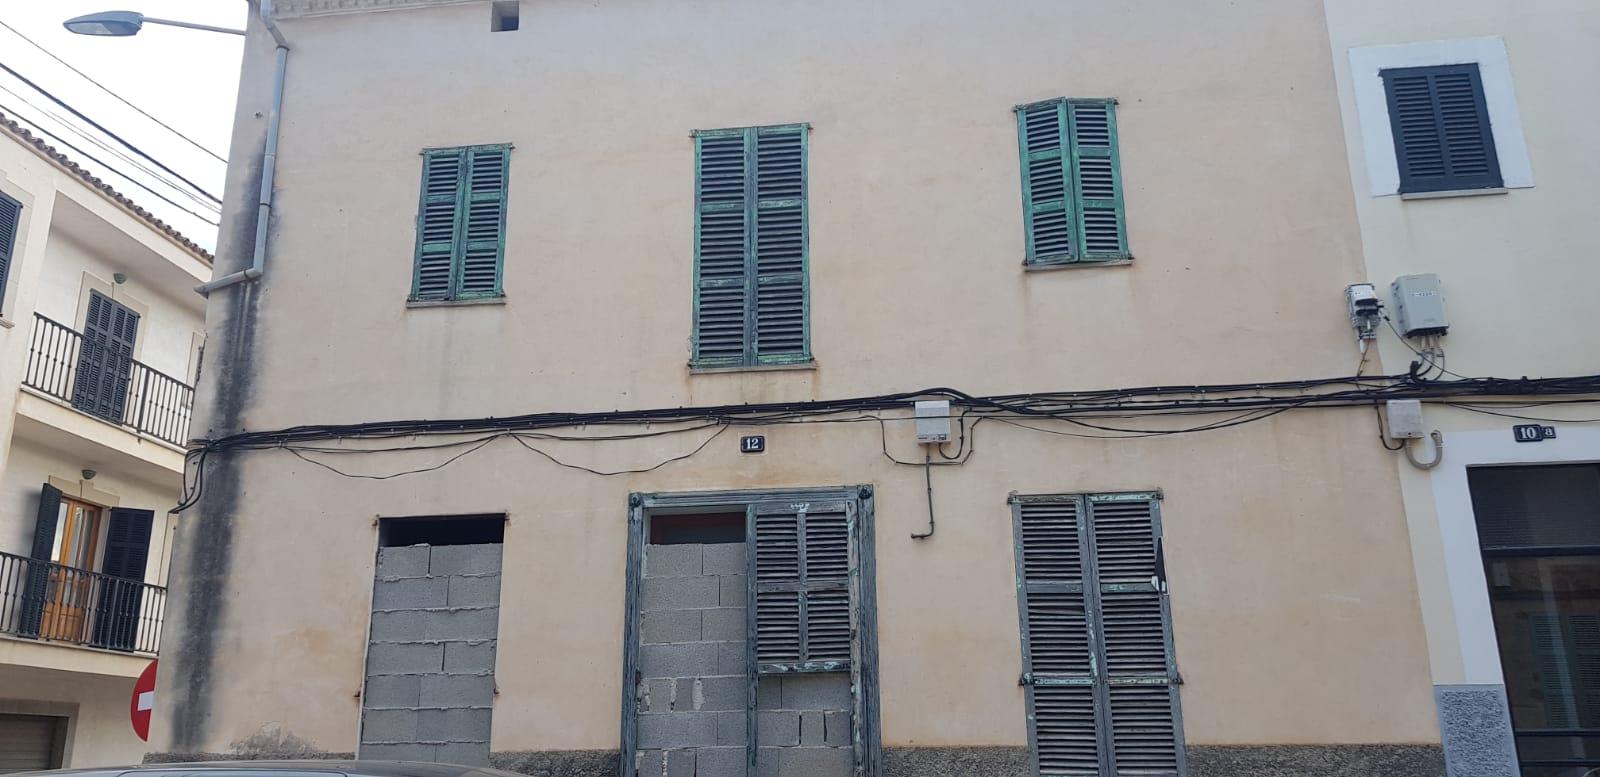 Piso en venta en Manacor, Baleares, Calle Reyes Catolicos, 106.300 €, 3 habitaciones, 1 baño, 196 m2